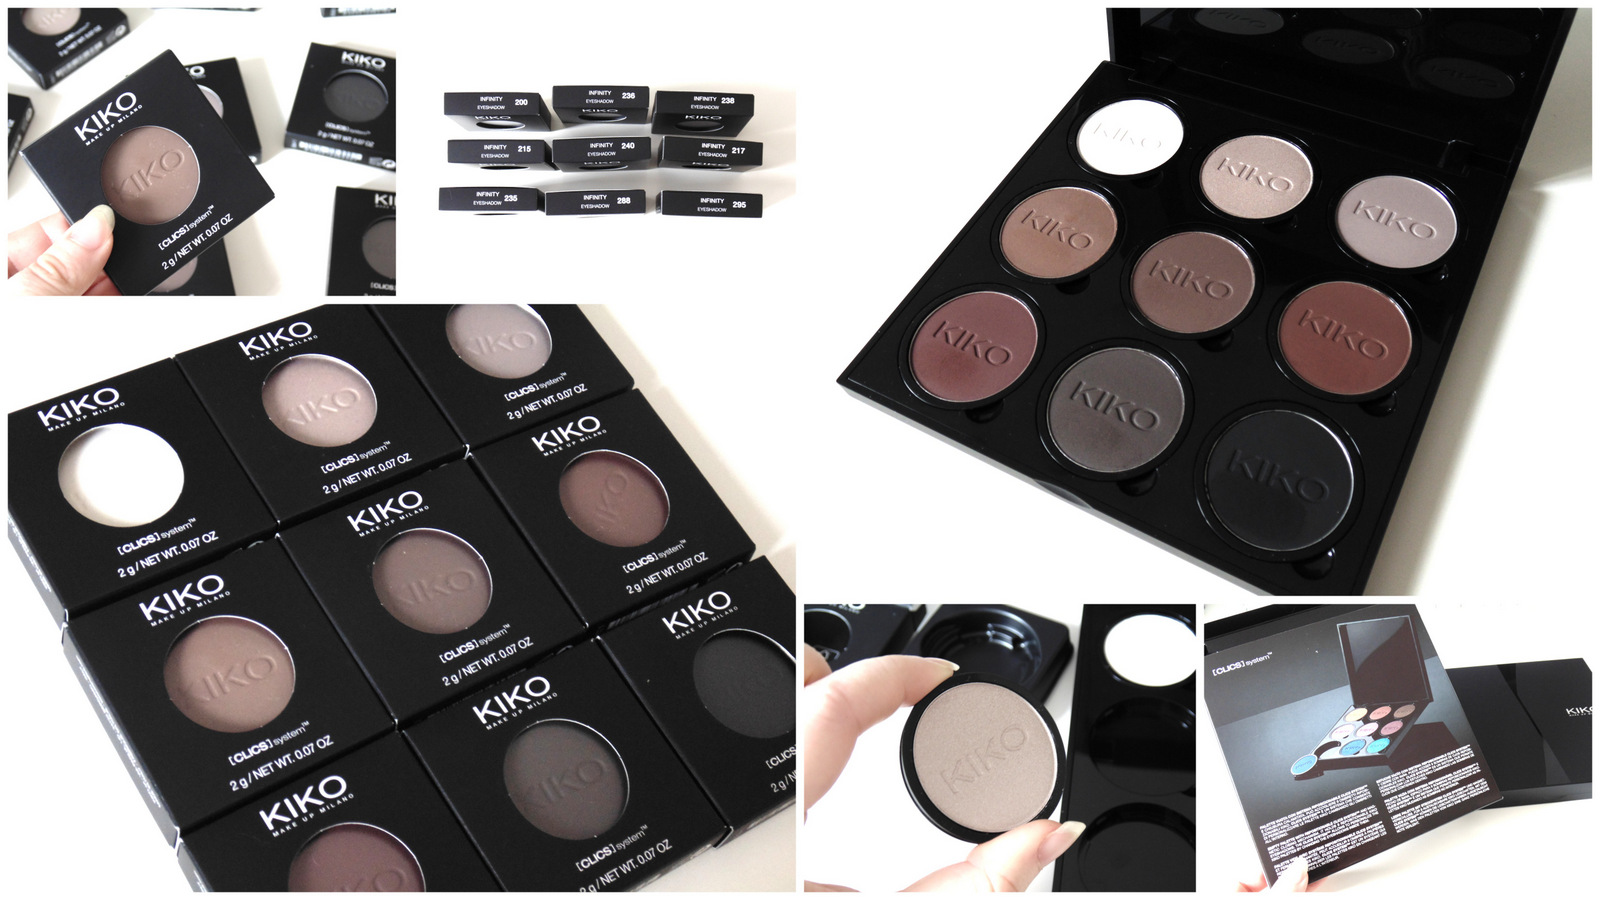 Kiko Clic Palette System + Infinity Eyeshadows